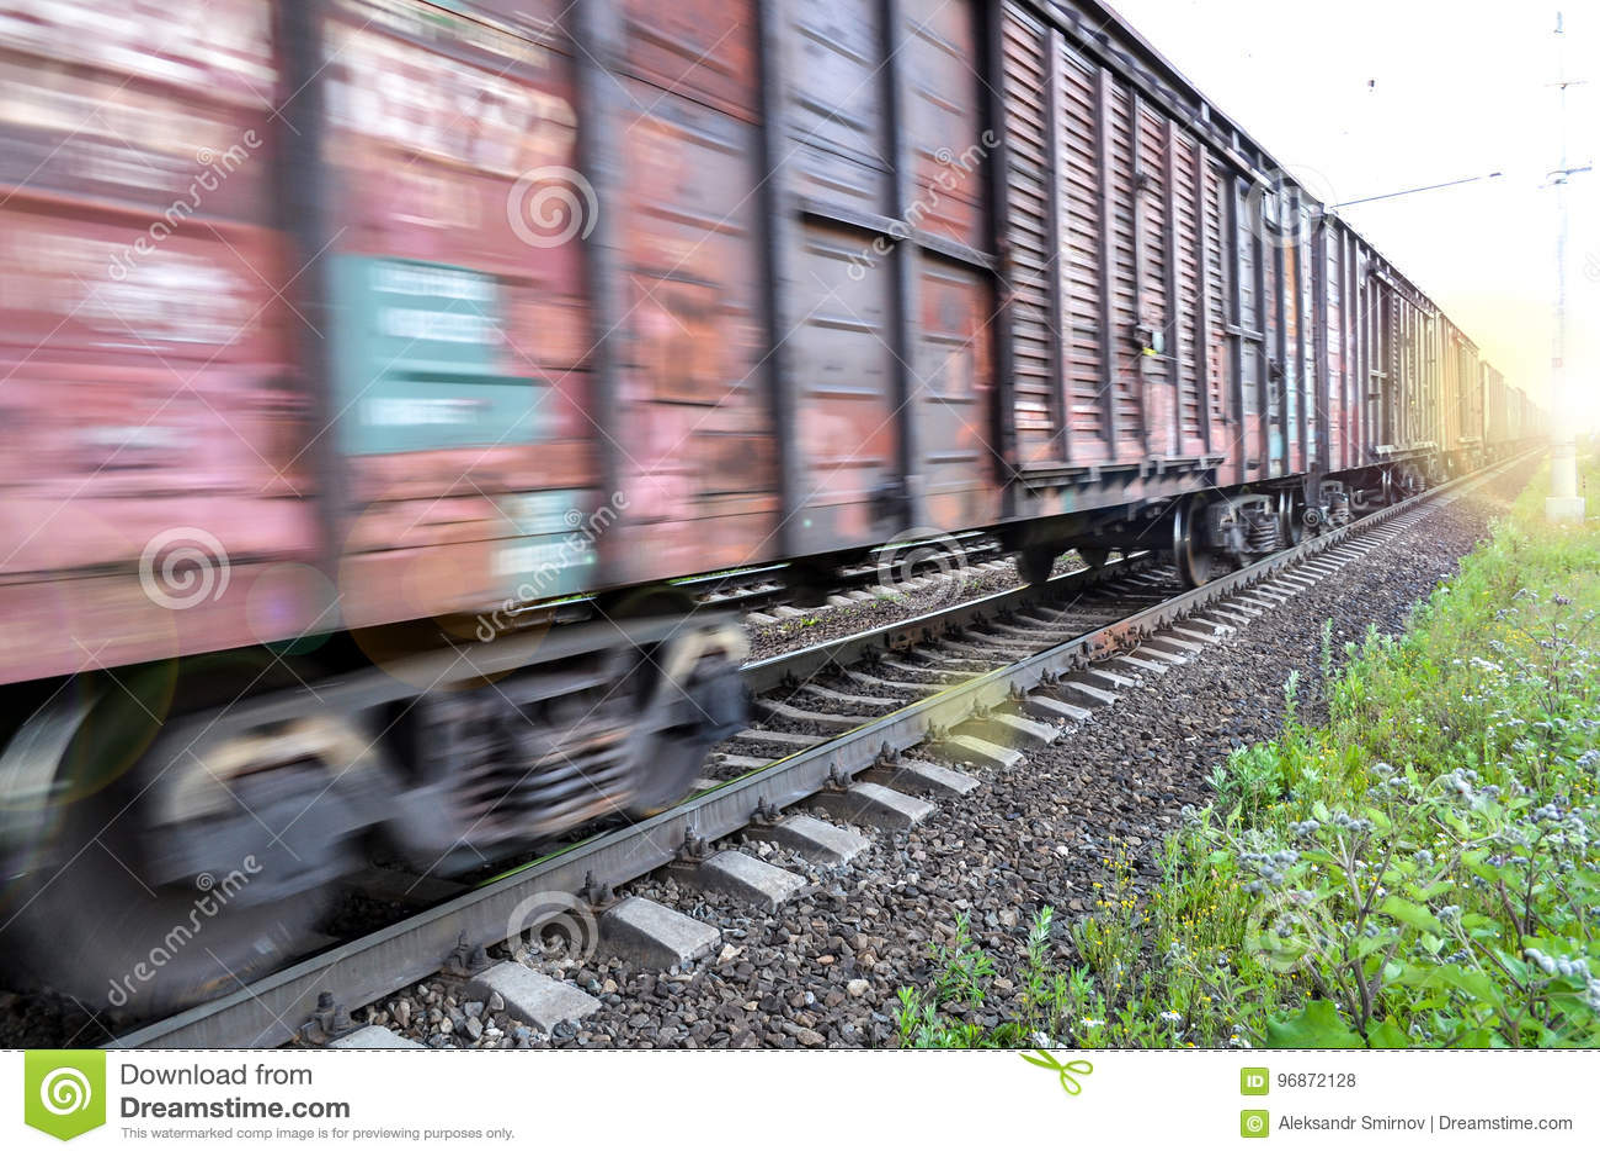 Φορτηγό τρένο, σιδηροδρομικά βαγόνια εμπορευμάτων με την επίδραση θαμπάδων κινήσεων μεταφορά, σιδηρόδρομος